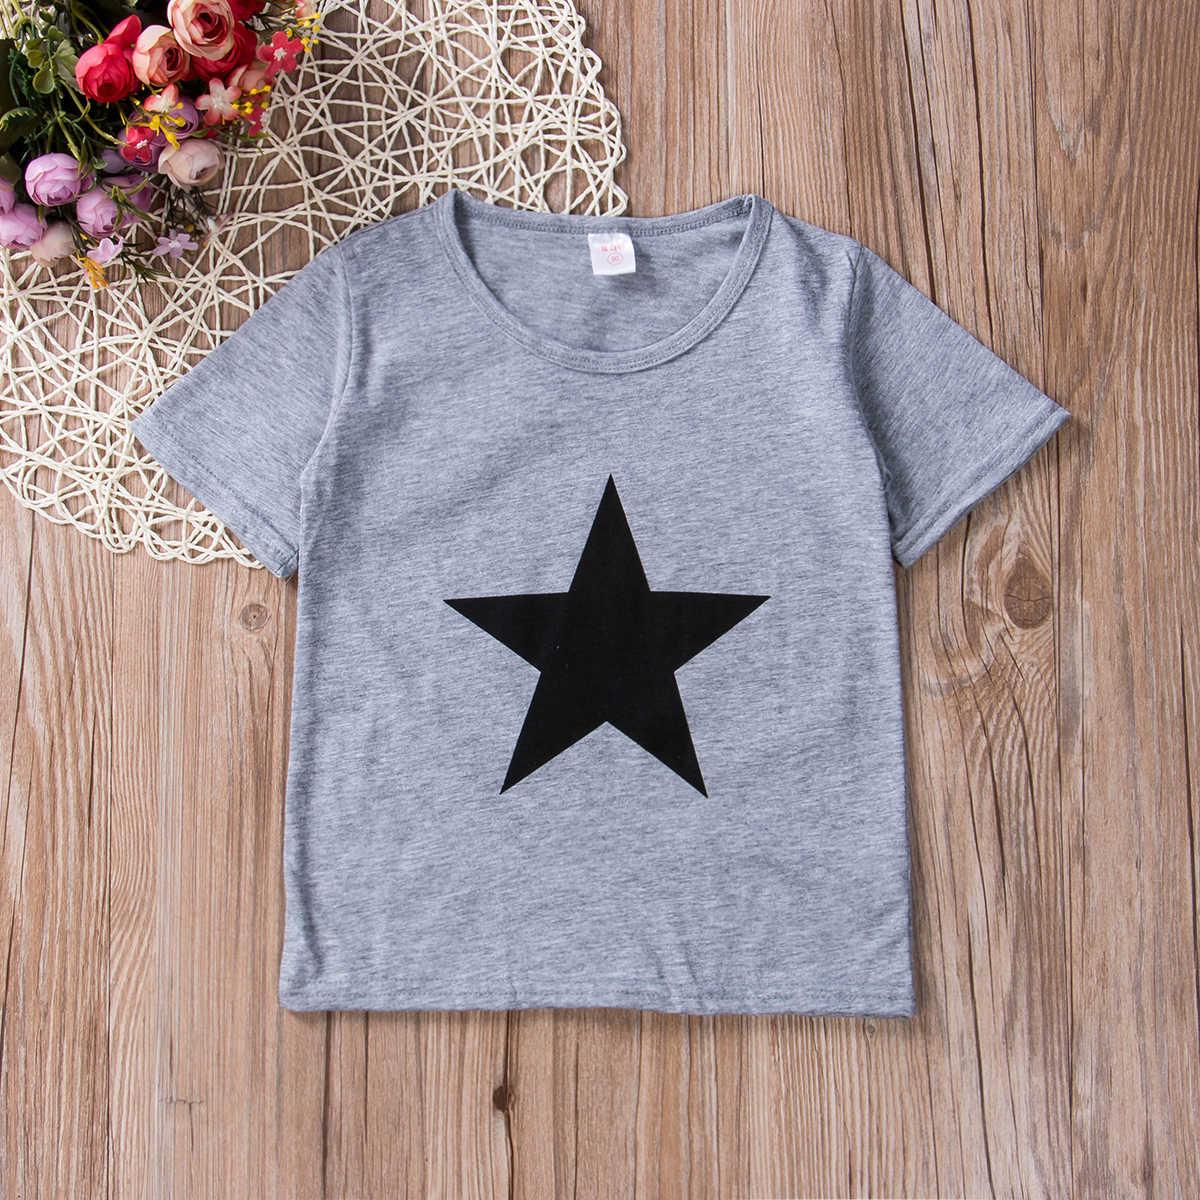 2019 הכי חדש סגנון מכירה לוהטת פעוט ילדים מקסים בני קיץ חולצה קצר שרוול ילדים חמוד חולצות טי גודל 2-7Years